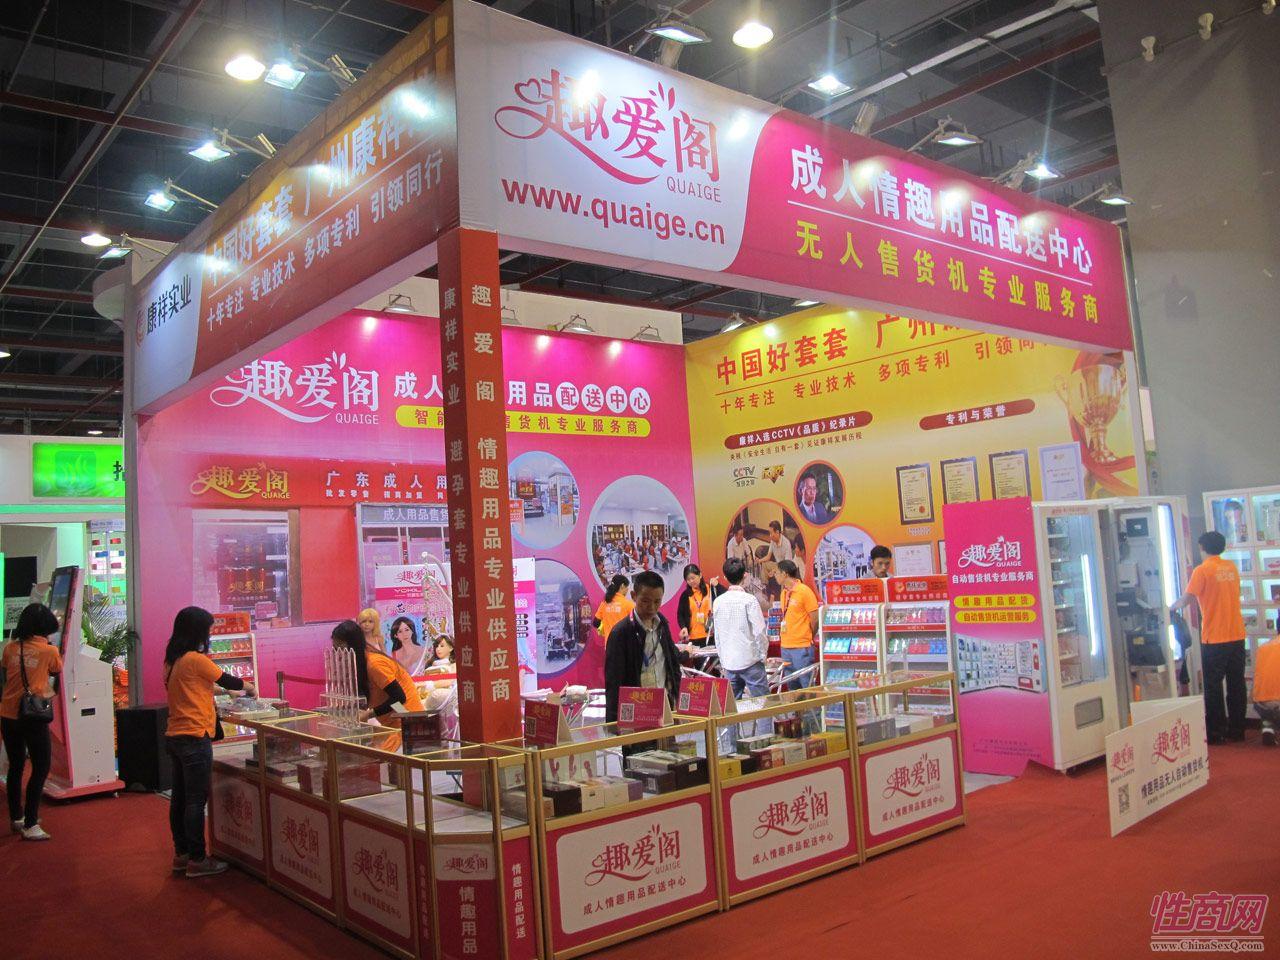 2016第十八届广州性文化节――参展企业1图片16